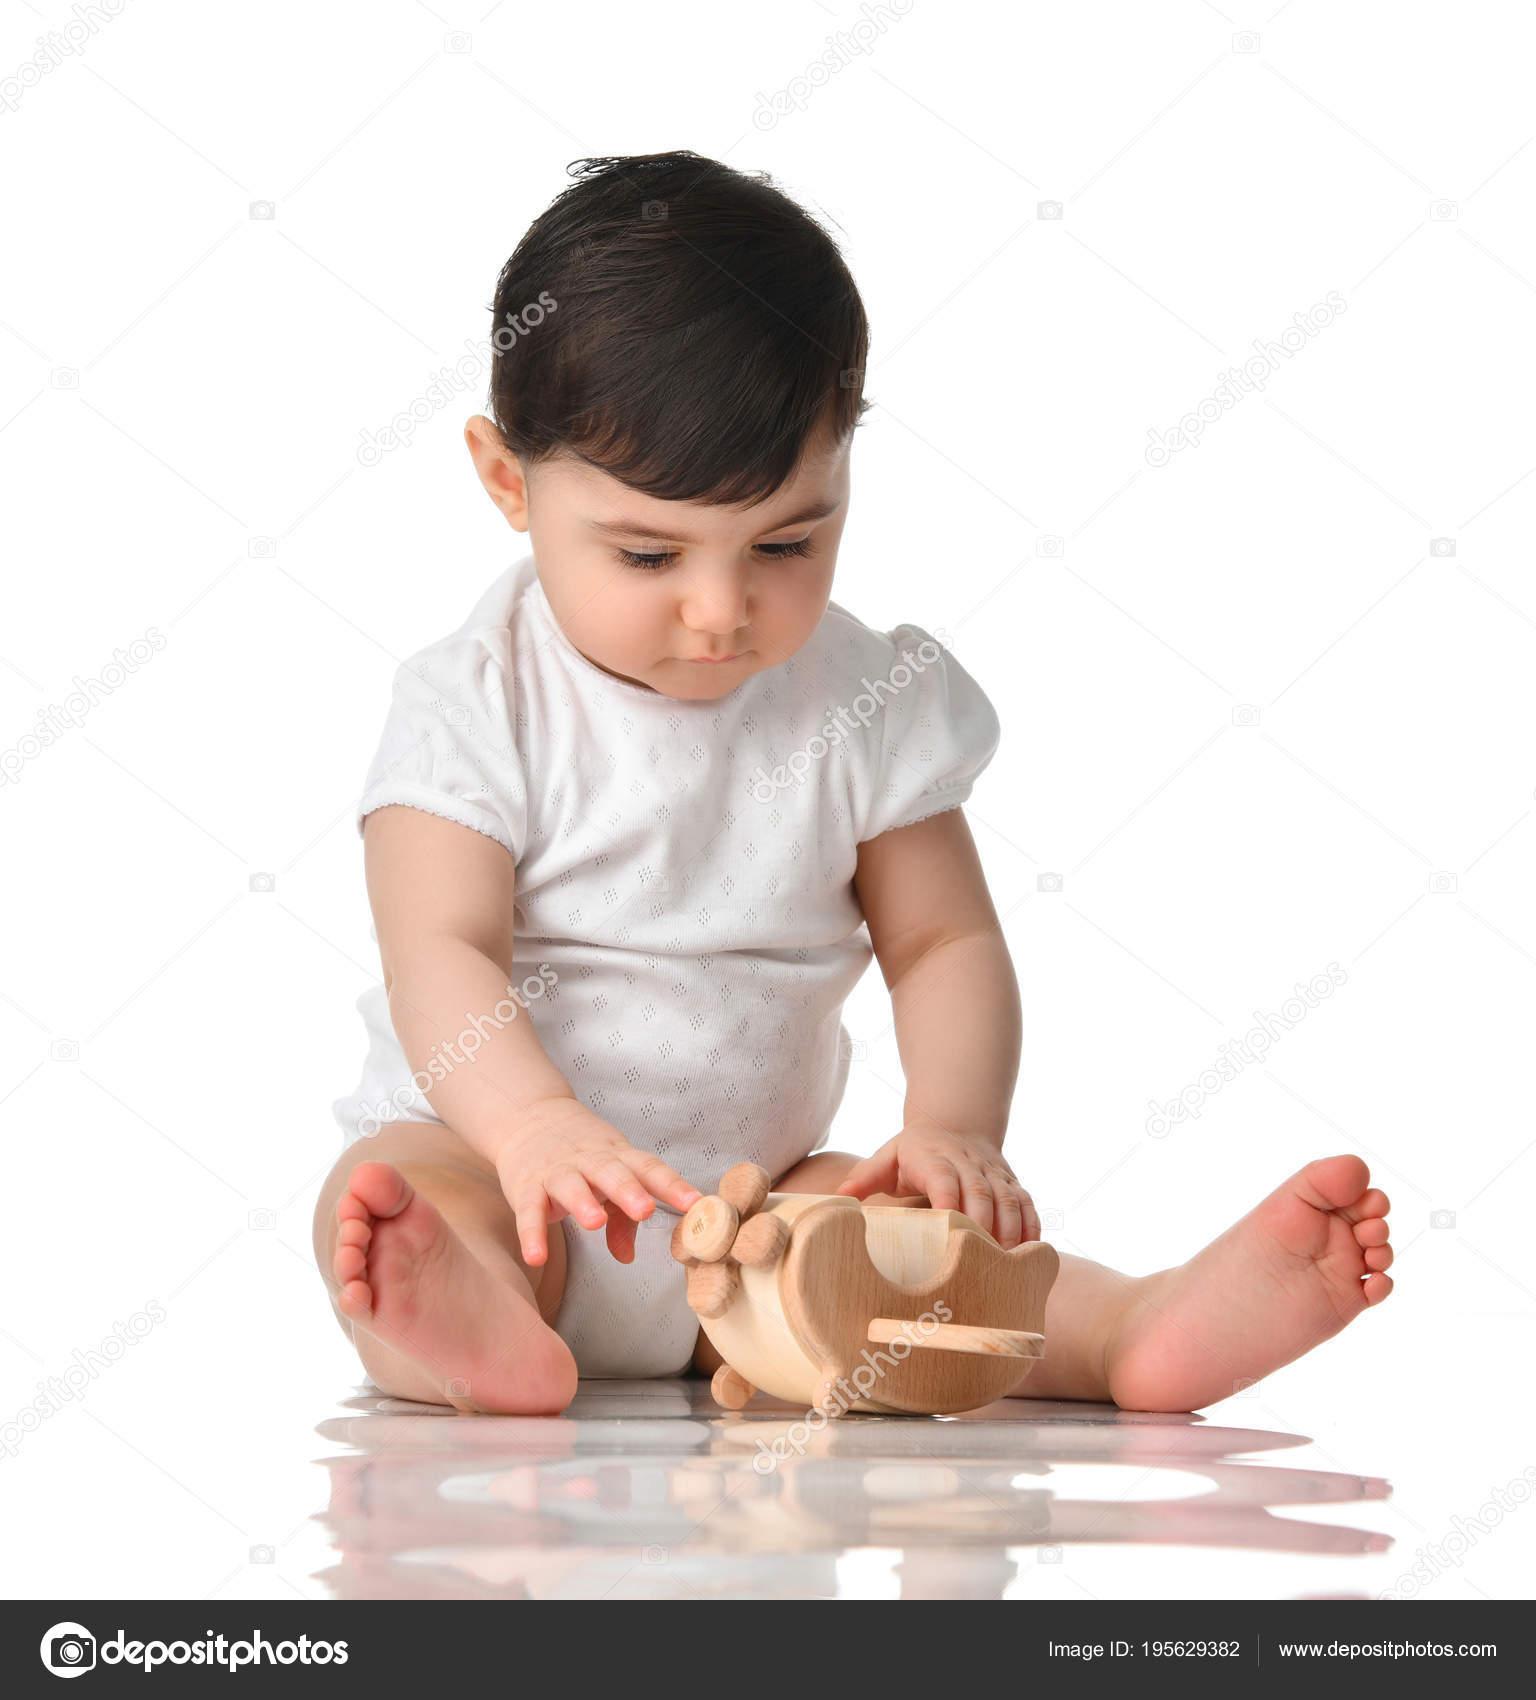 53b26ae0a0b2a 9 mois bébé Bébé fille bambin assis en chemise blanche avec voiture en bois  jouet isolée sur fond blanc — Image de ...